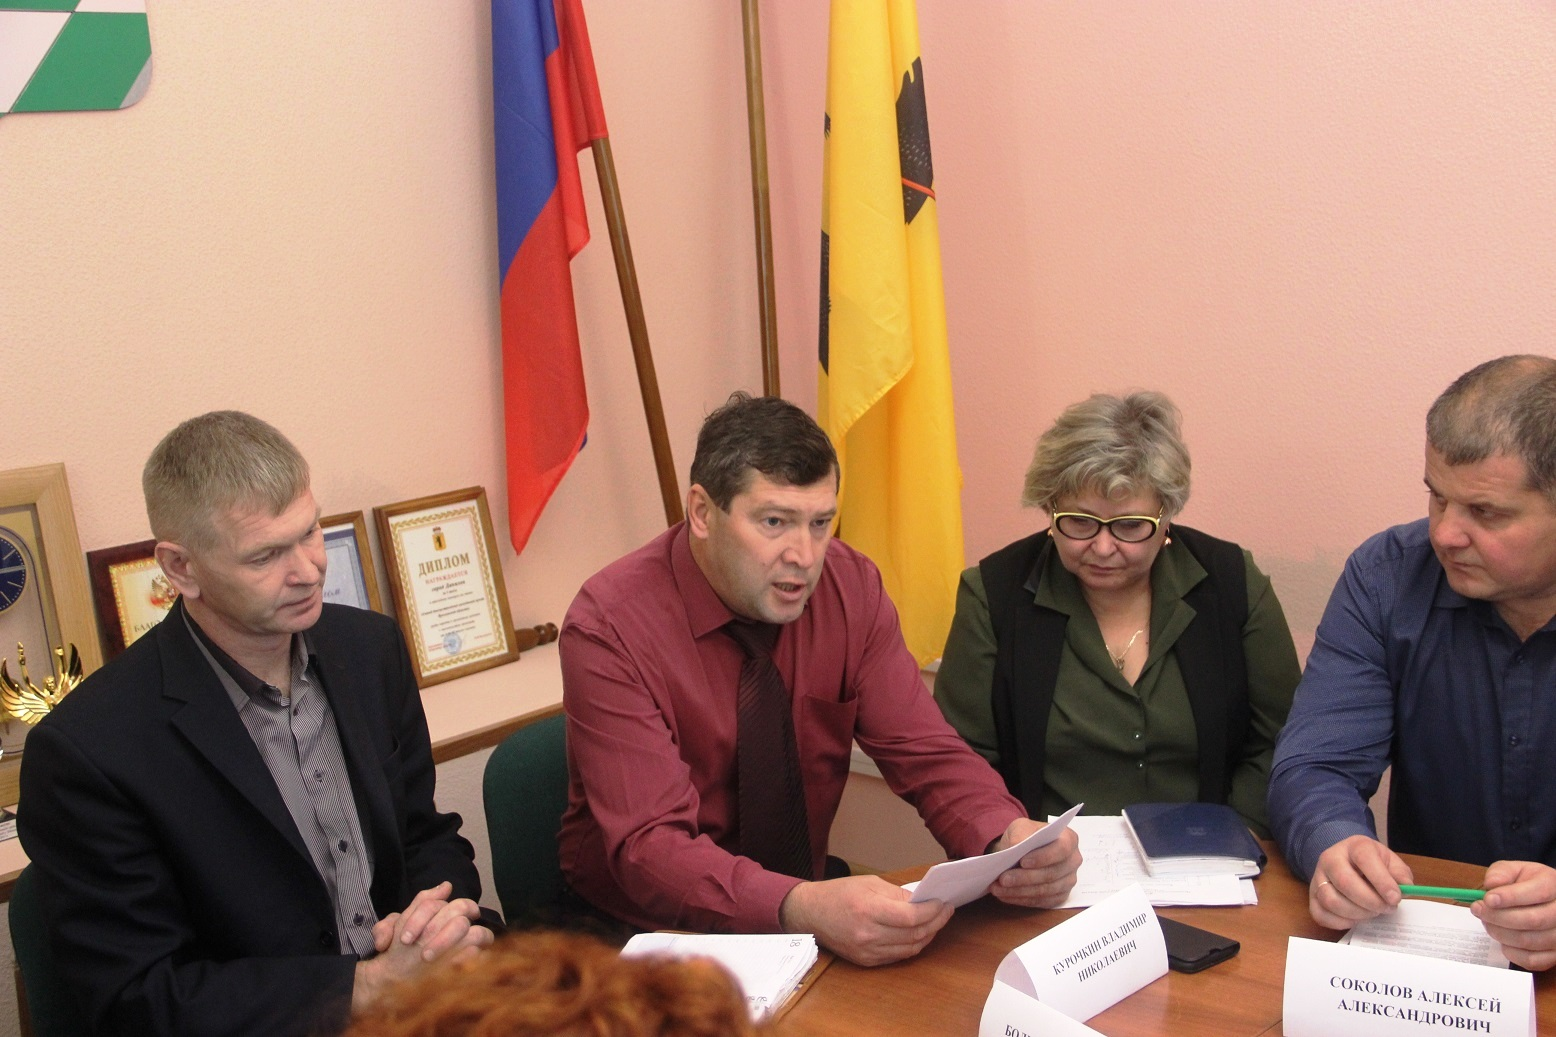 В Муниципальном Совете городского поселения Данилов зарегистрирована депутатская фракция КПРФ